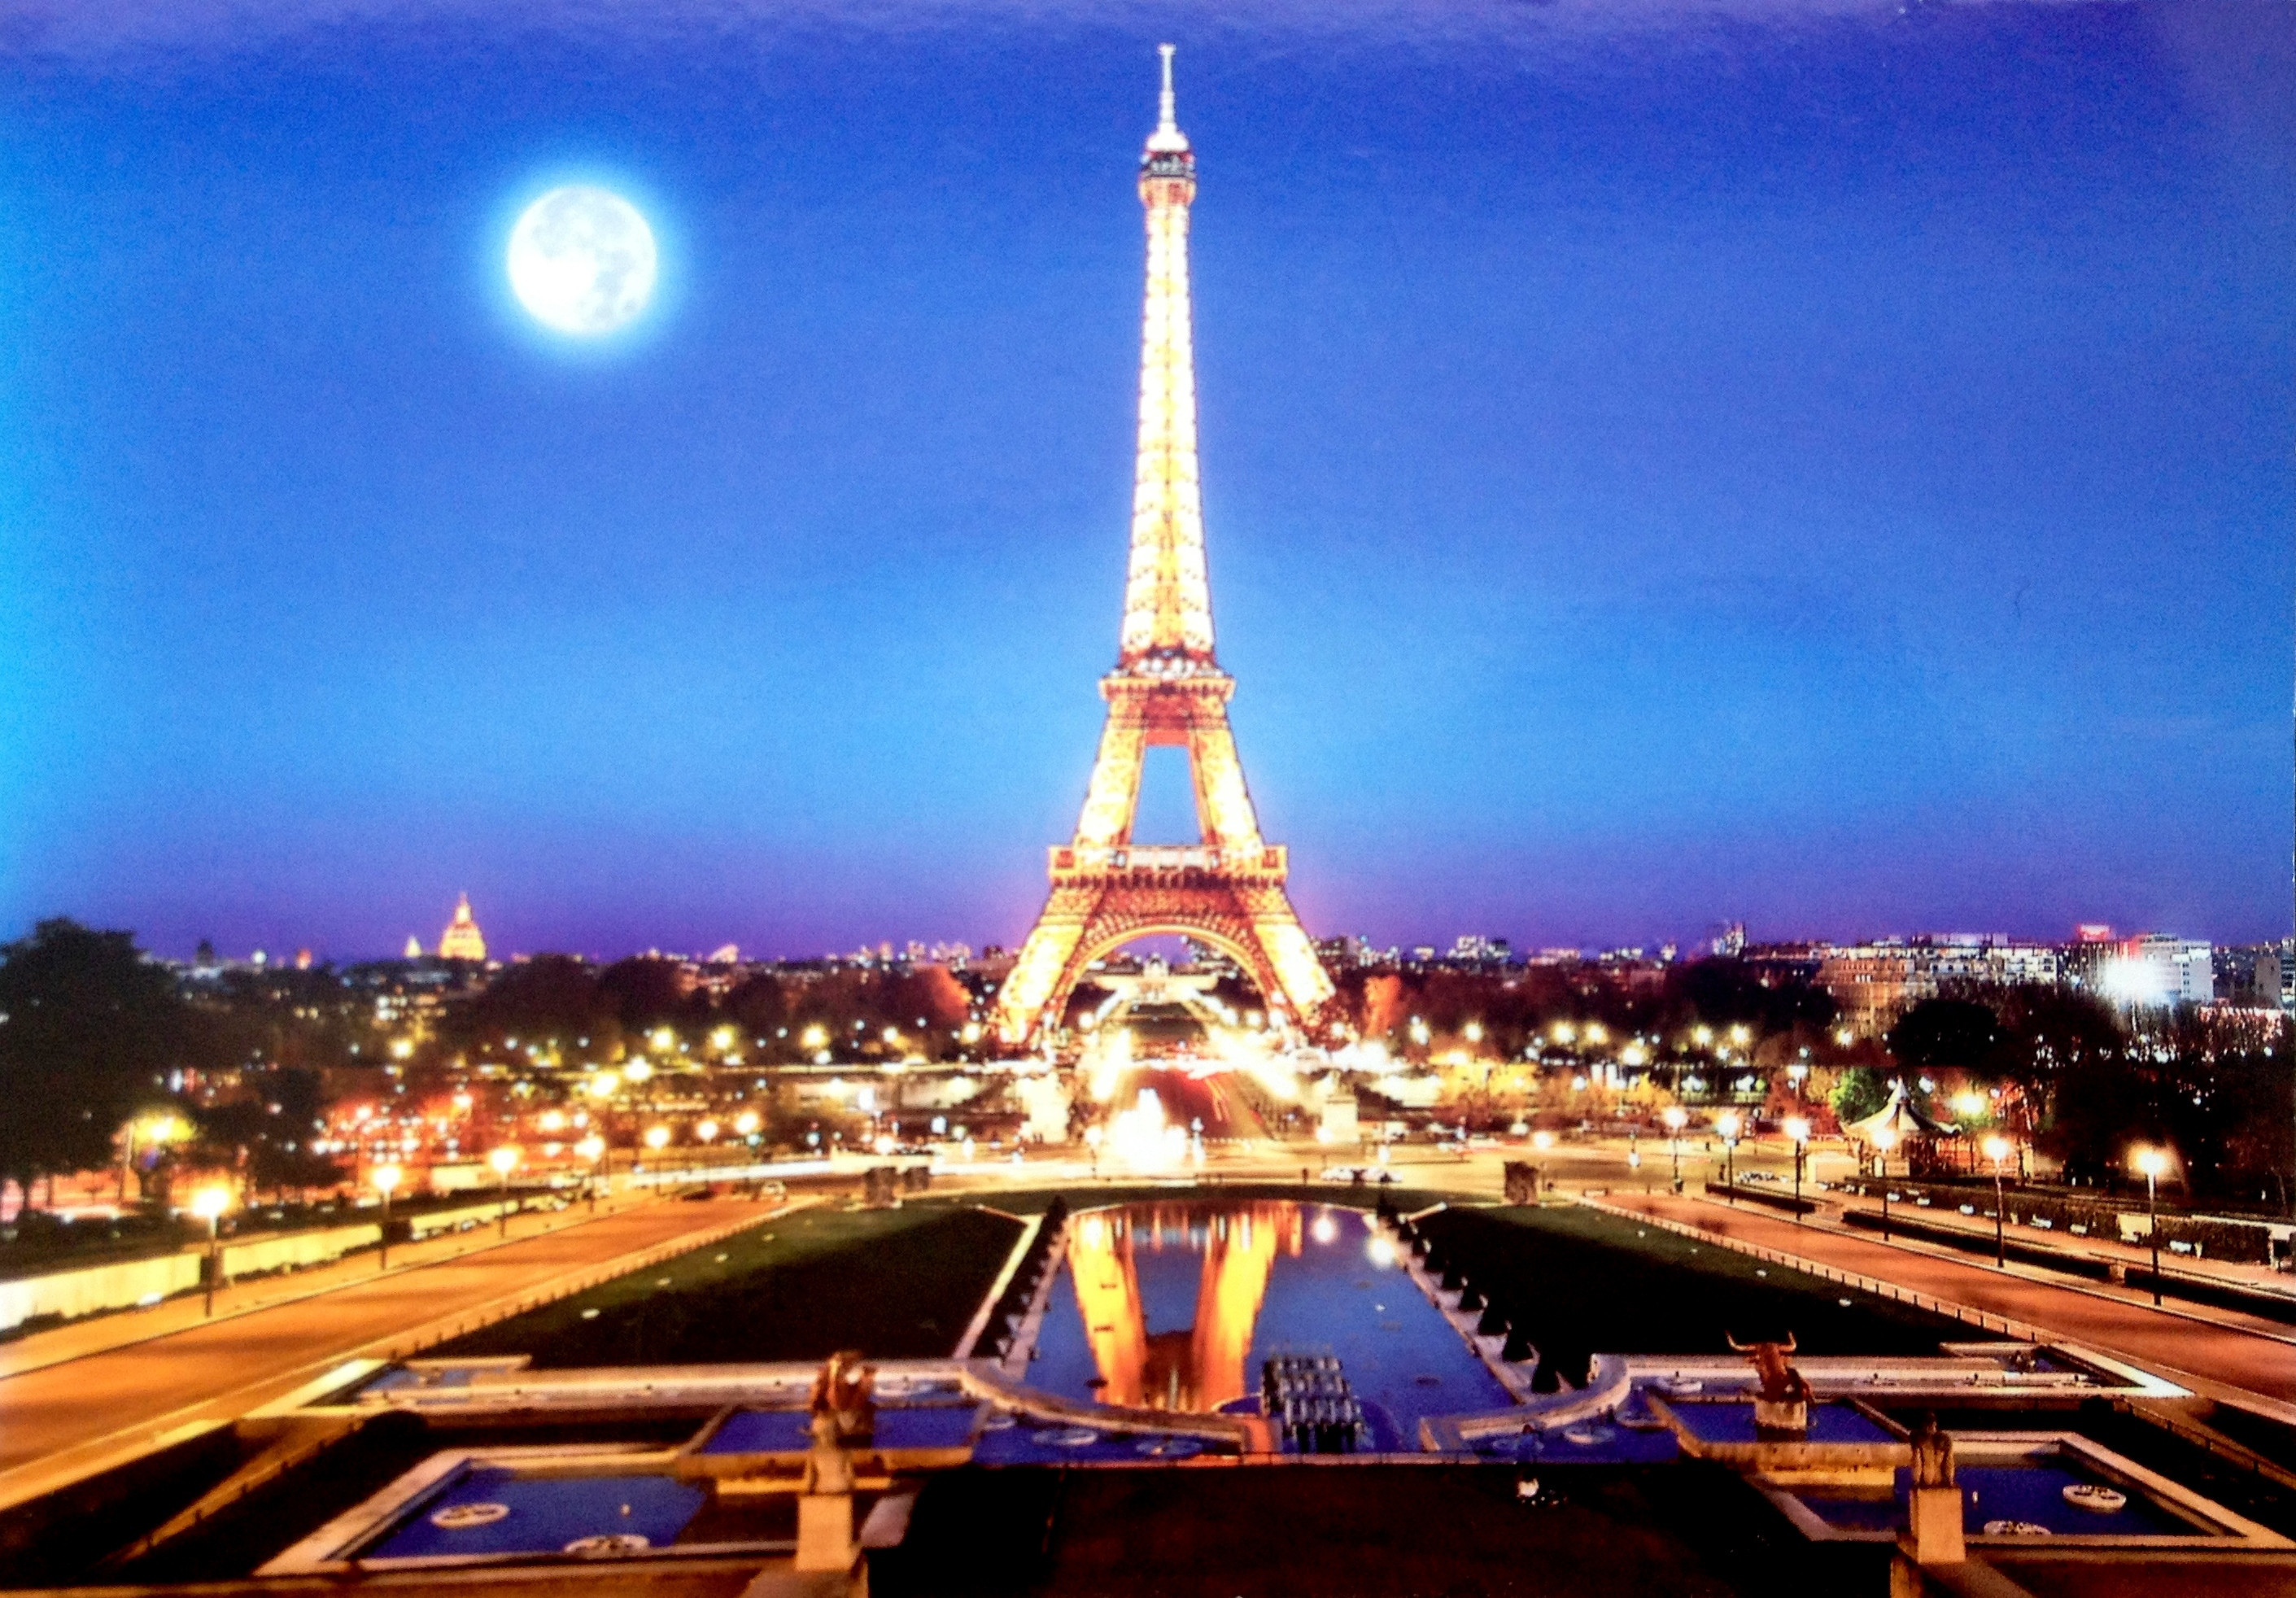 Paris France Wallpaper Desktop 72 Images